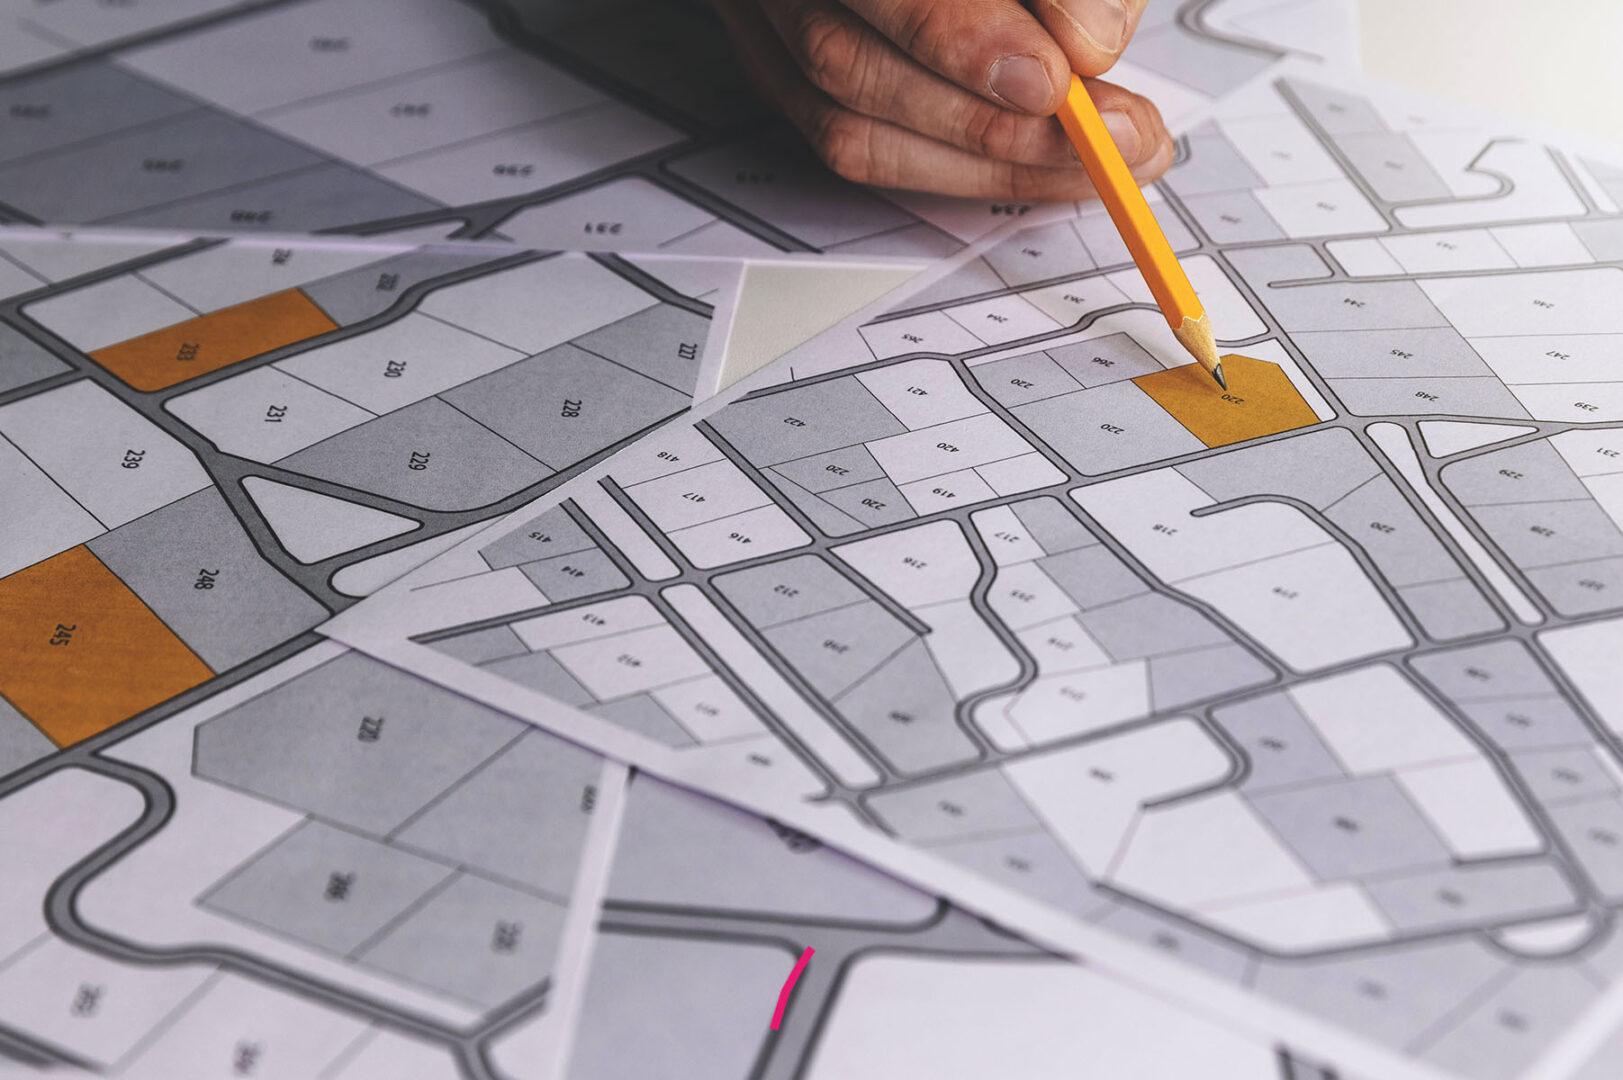 Marne Développement - Développer et promouvoir votre offre foncière et immobilière - foncier - 25